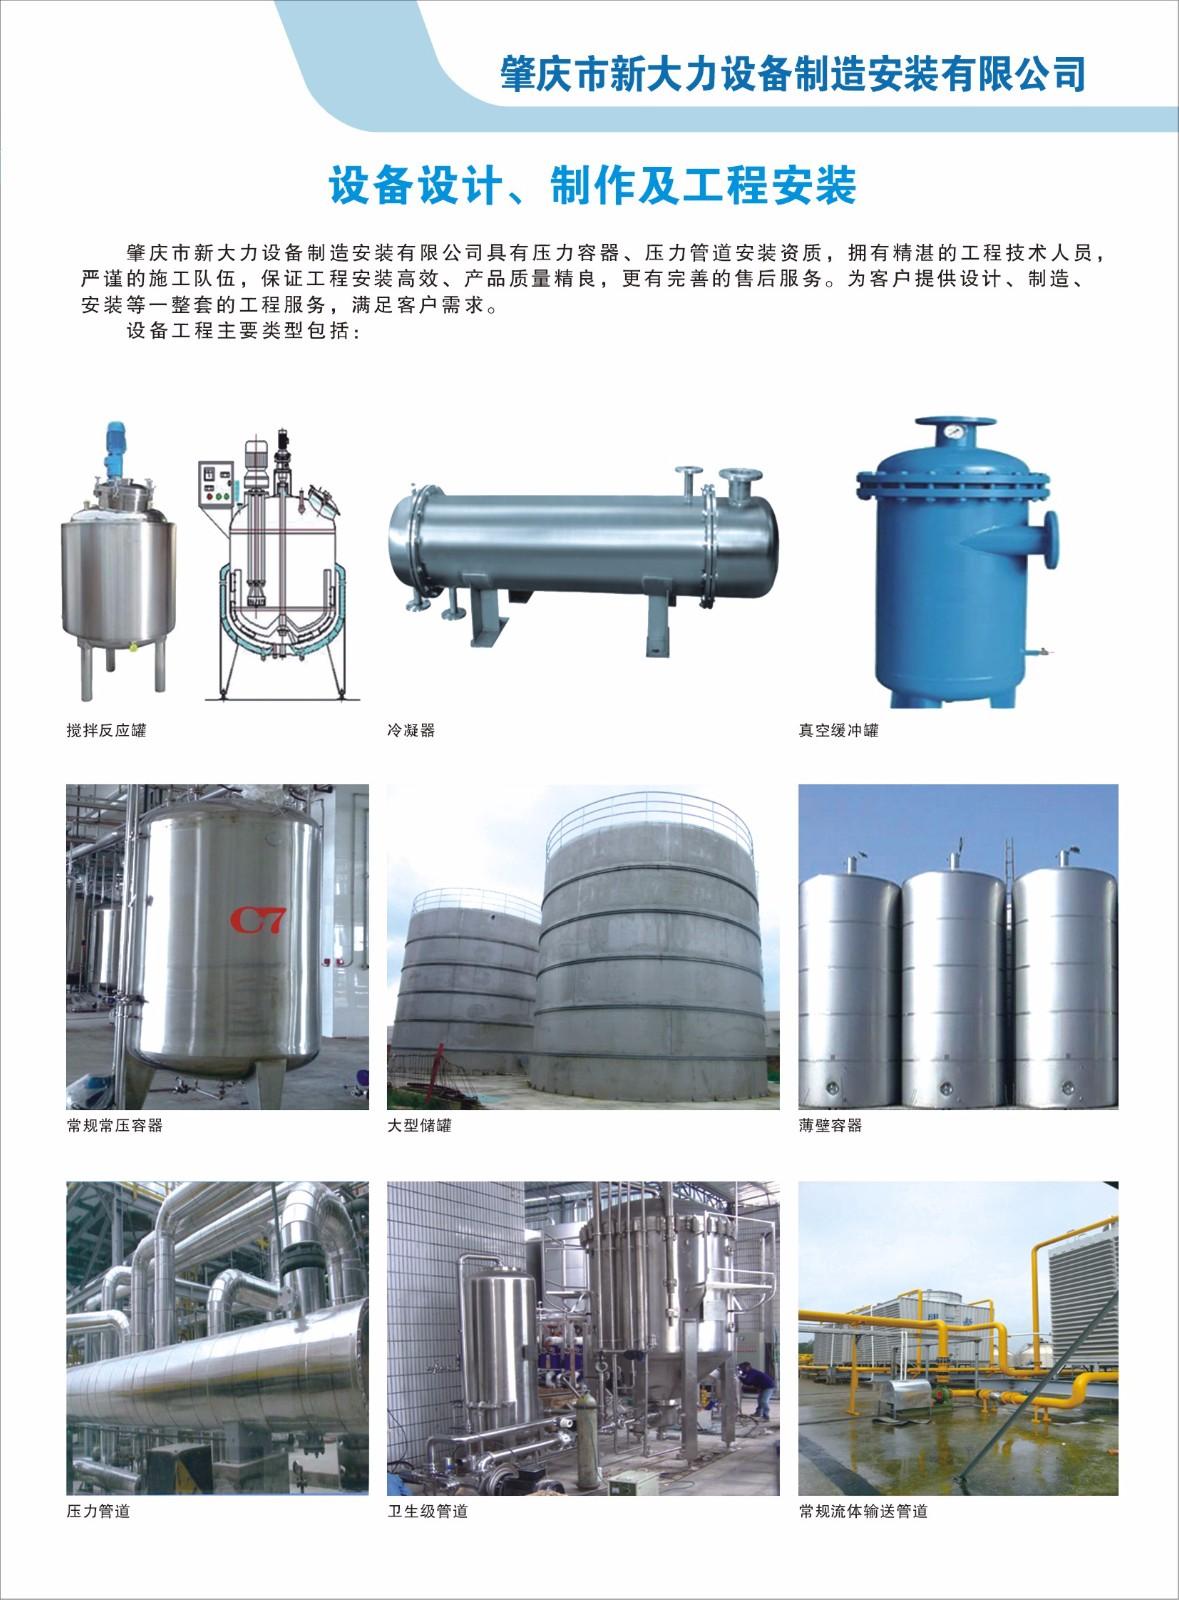 技术支持|单页-肇庆市新大力设备制造安装有限公司